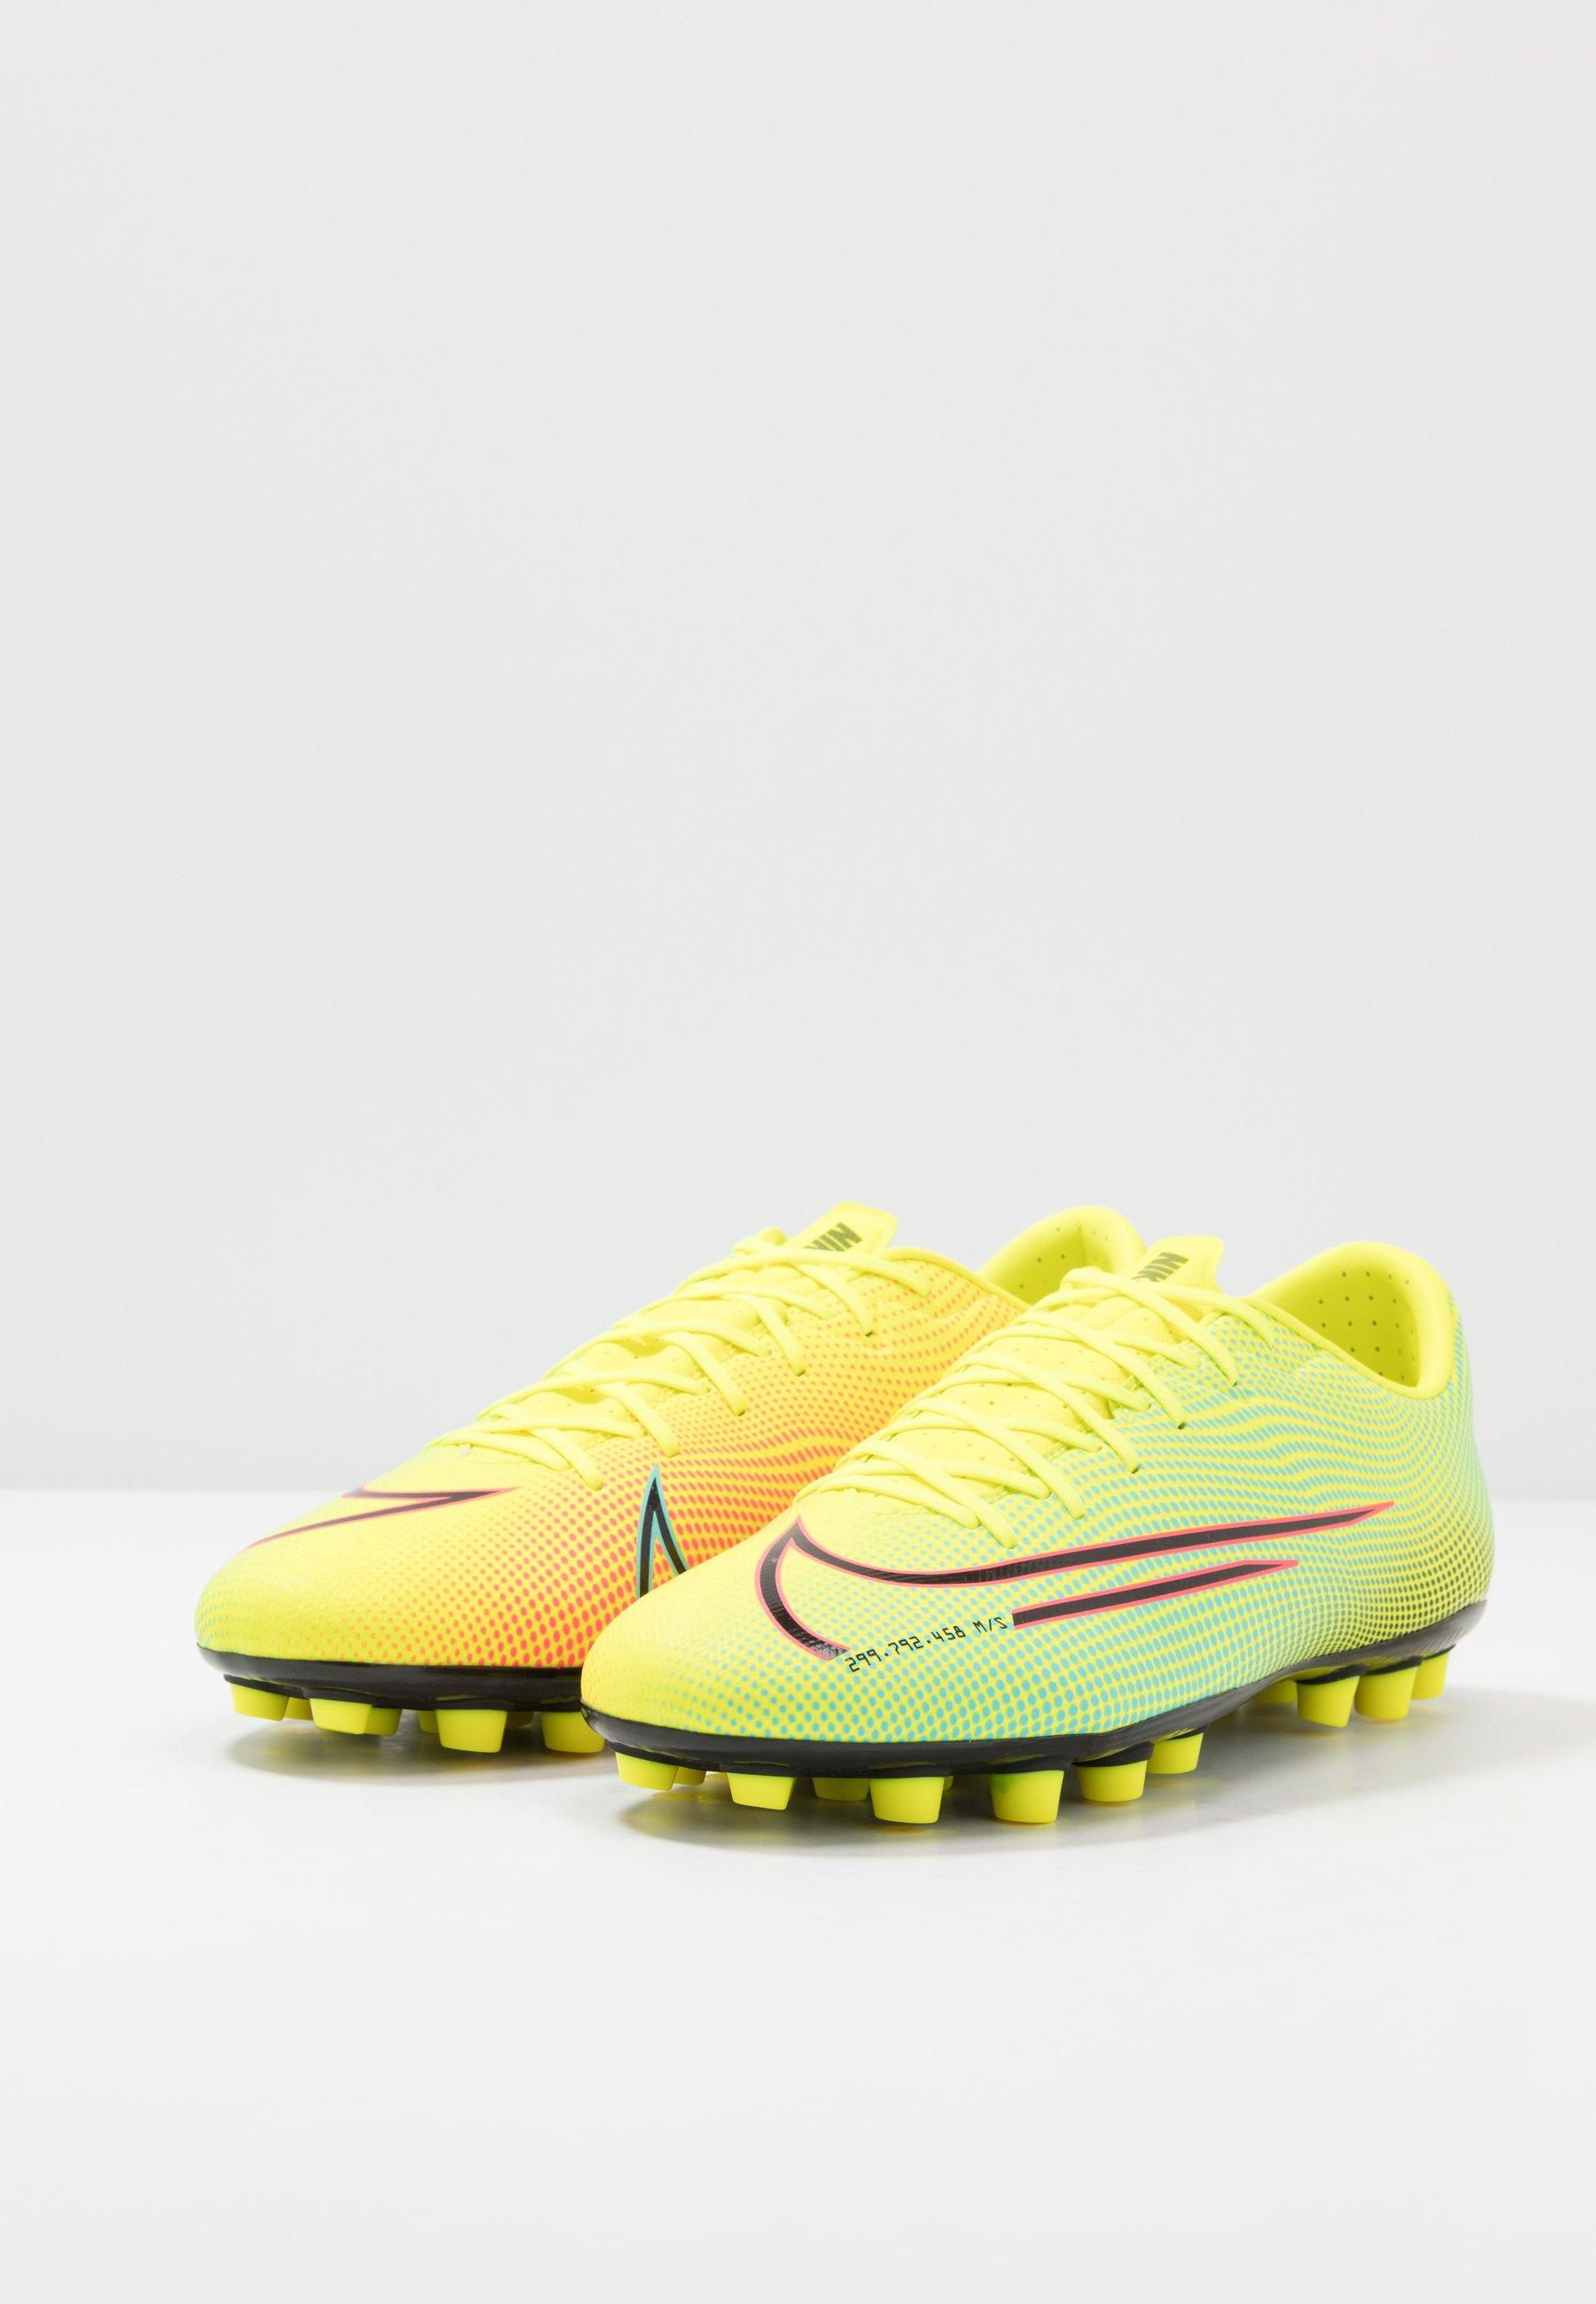 Nike Performance MERCURIAL VAPOR 13 ACADEMY MDS AG - Fodboldstøvler m/ faste knobber - lemon/black/aurora green